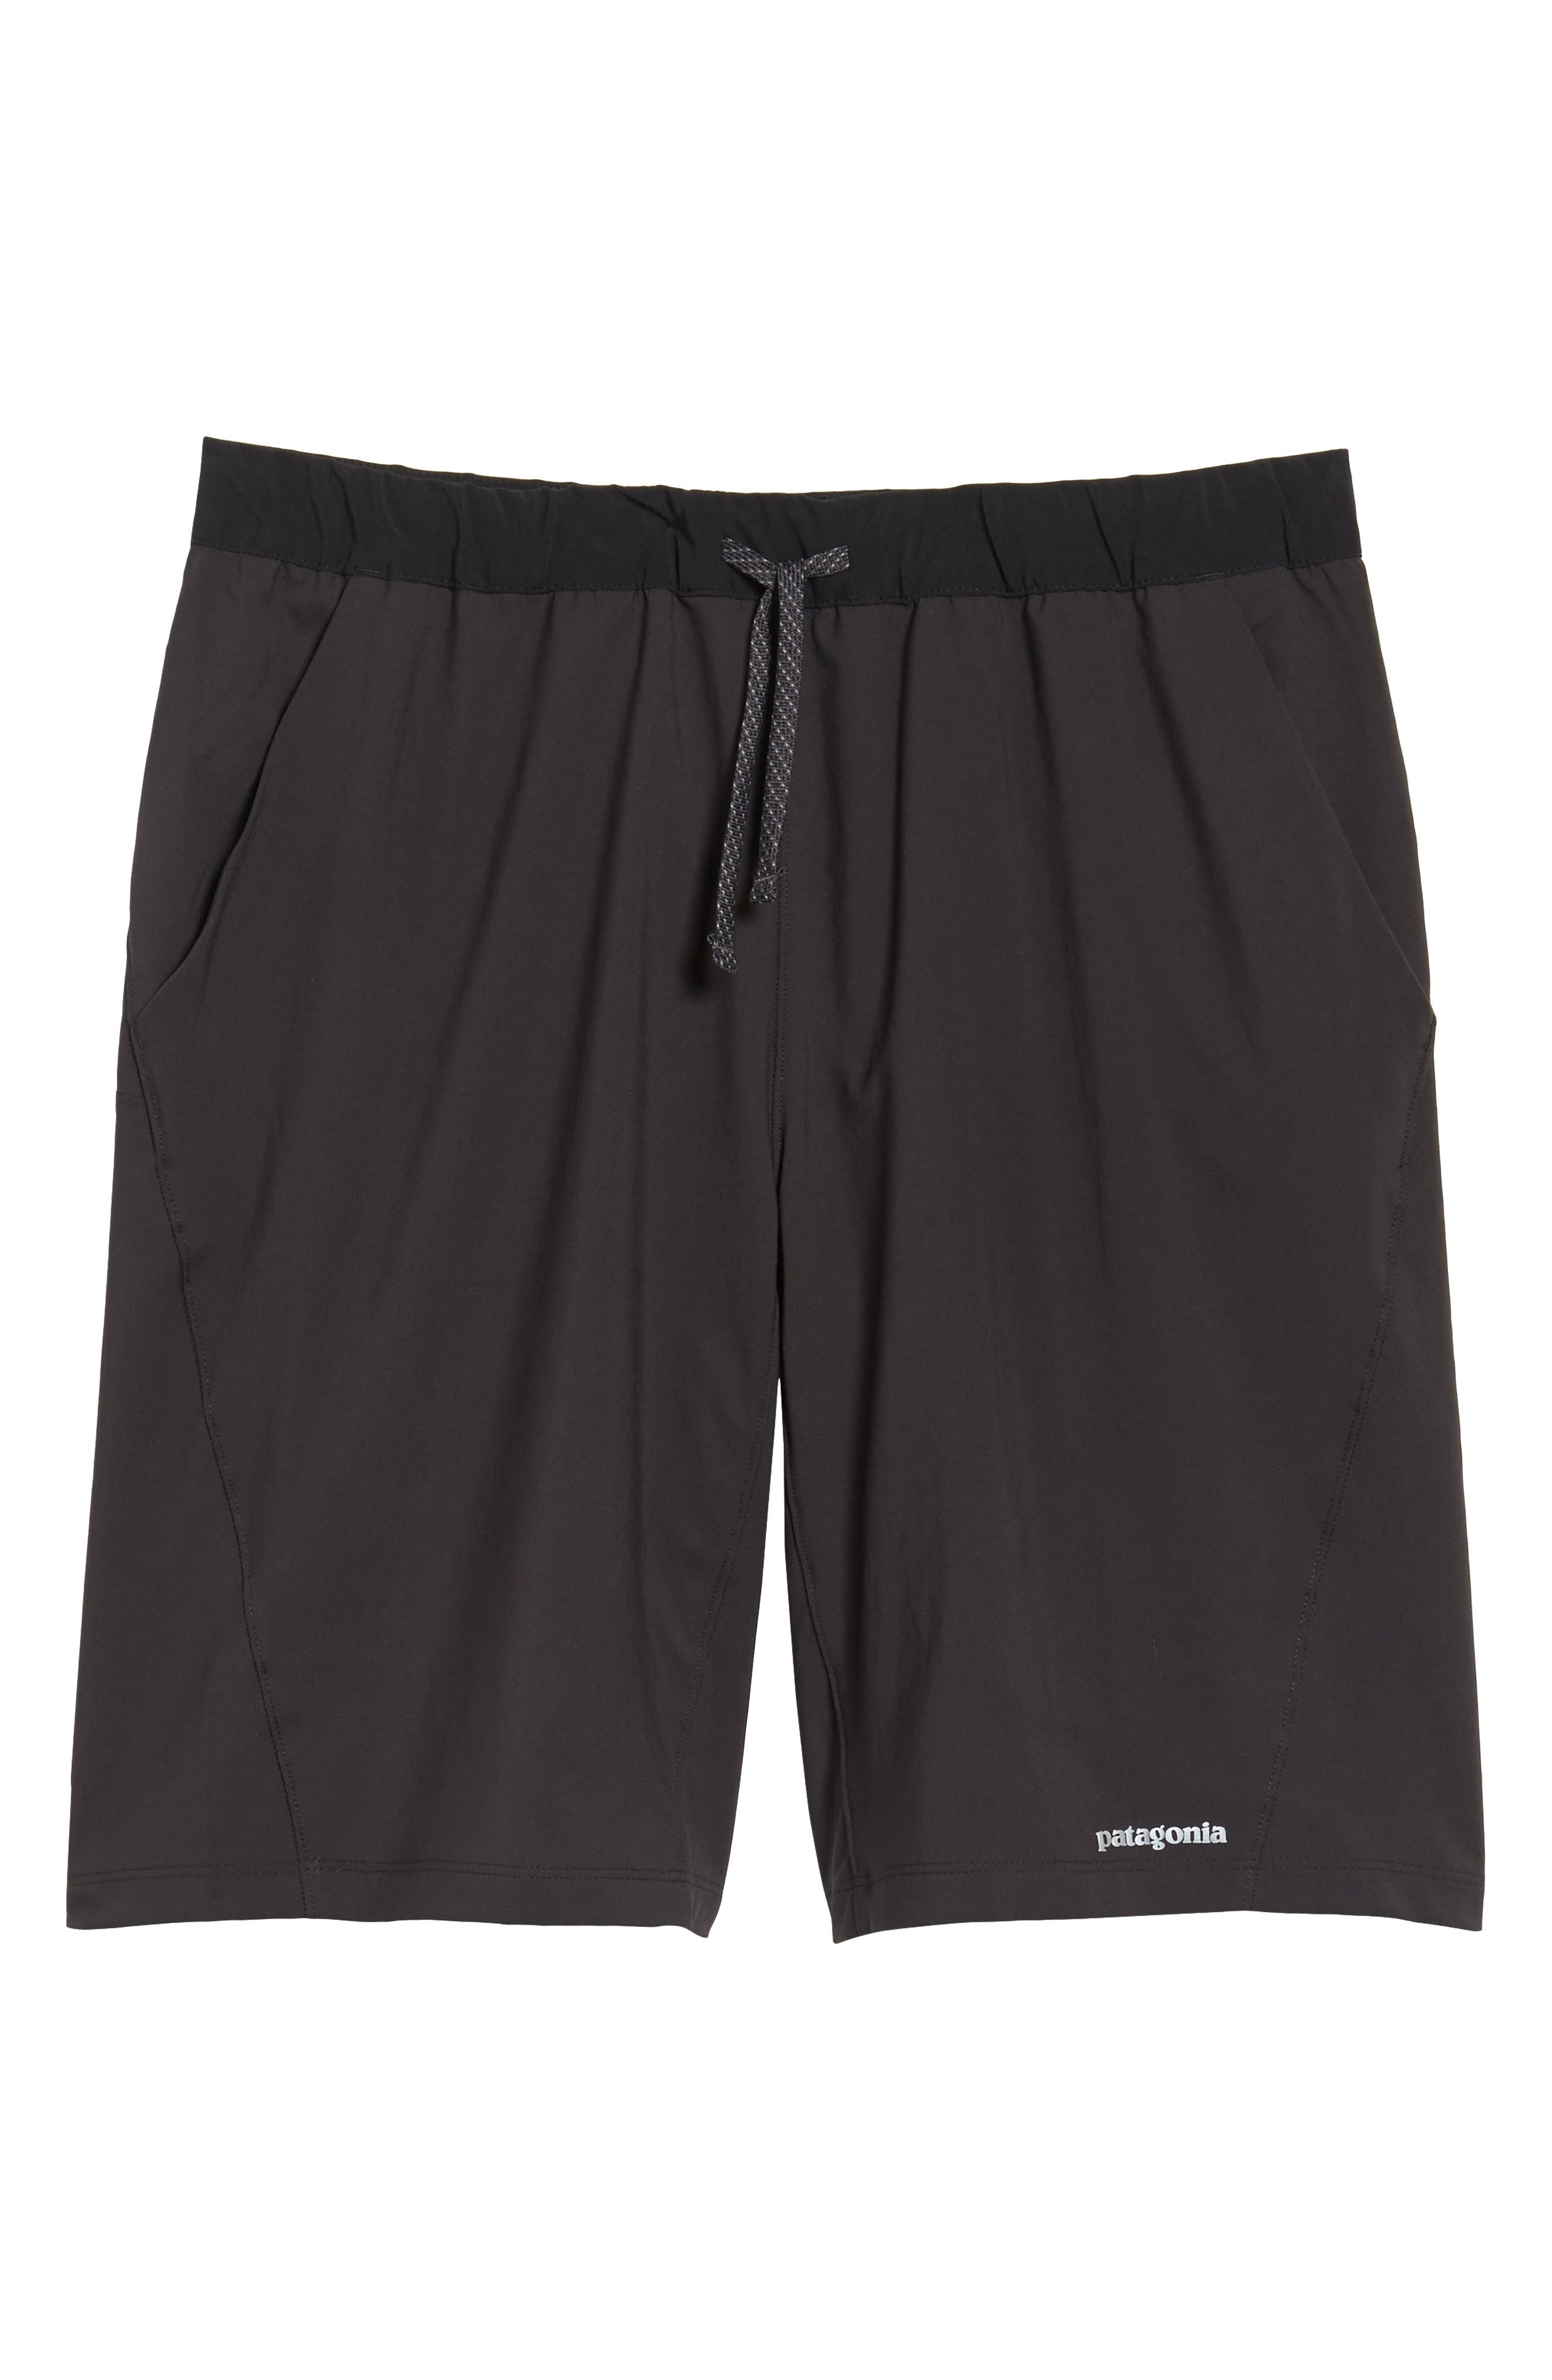 Terrebonne Shorts,                             Alternate thumbnail 6, color,                             001